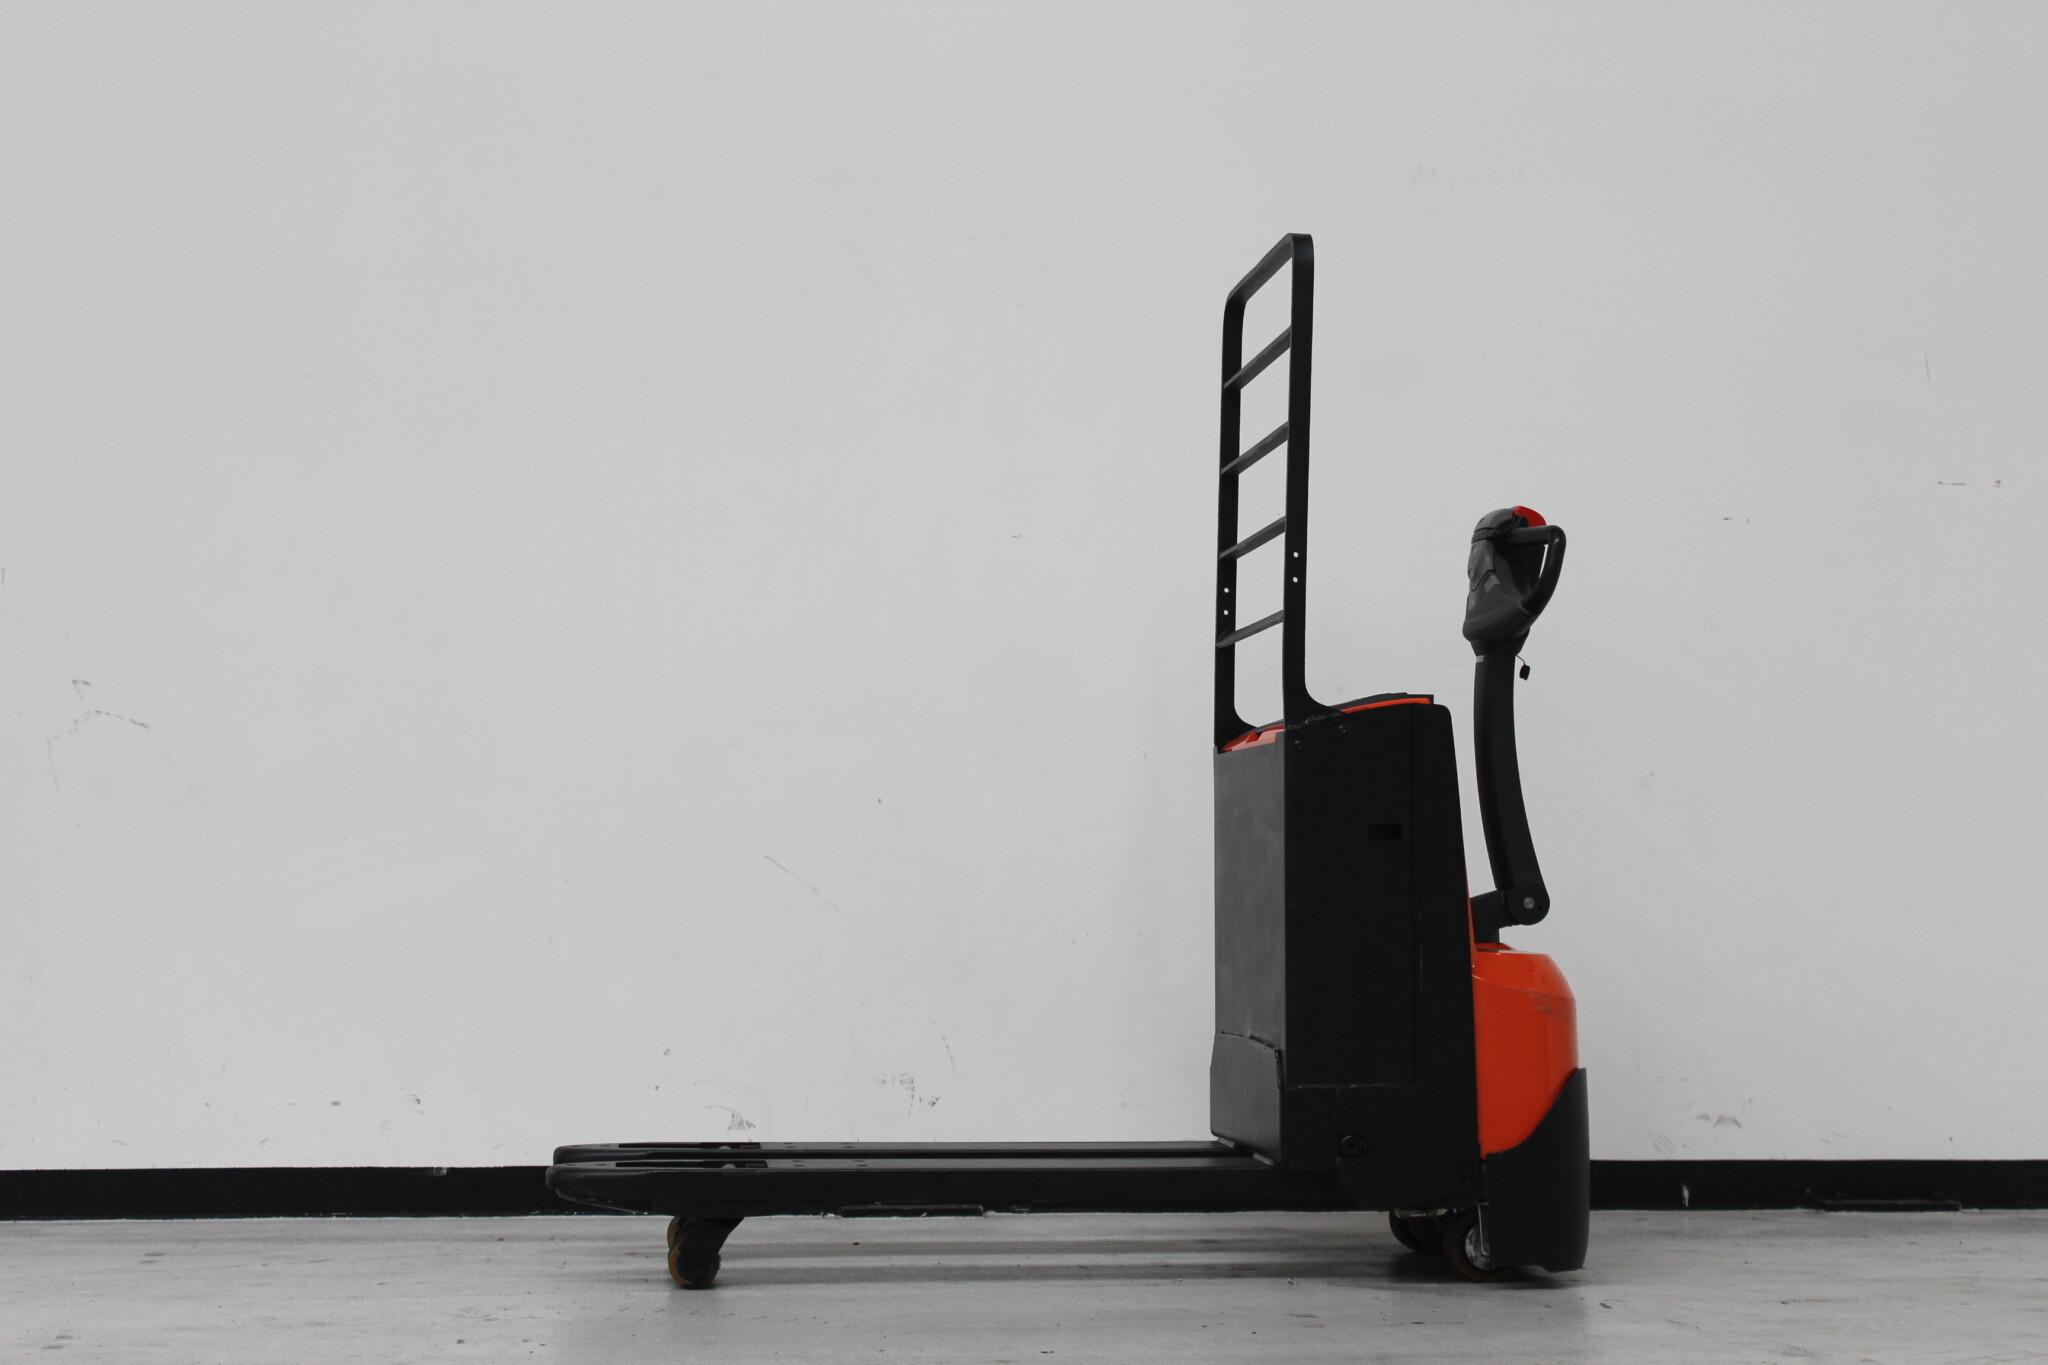 Toyota-Gabelstapler-59840 1606003909 1 scaled